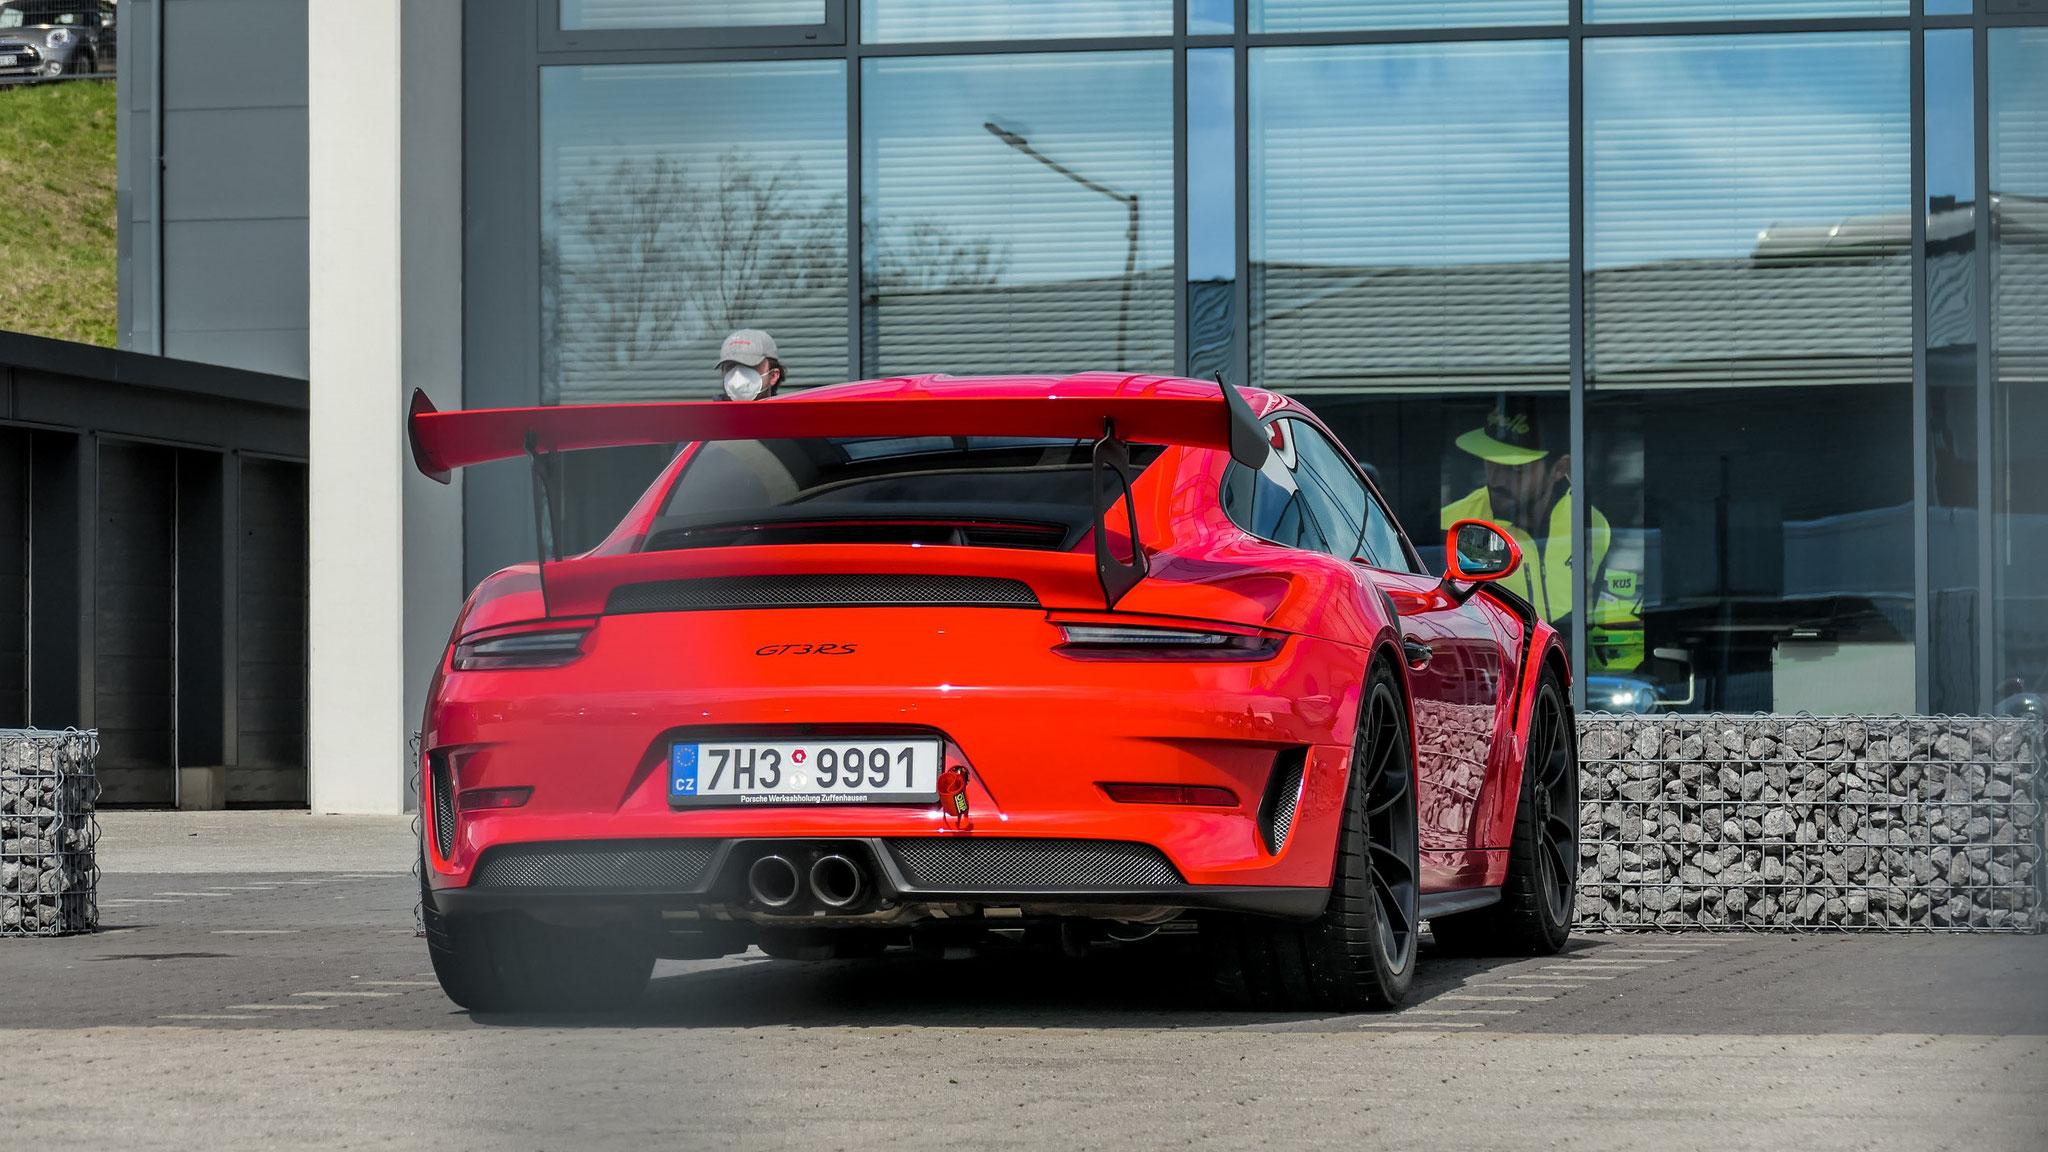 Porsche 911 991.2 GT3 RS - 7H3-9991 (CZ)